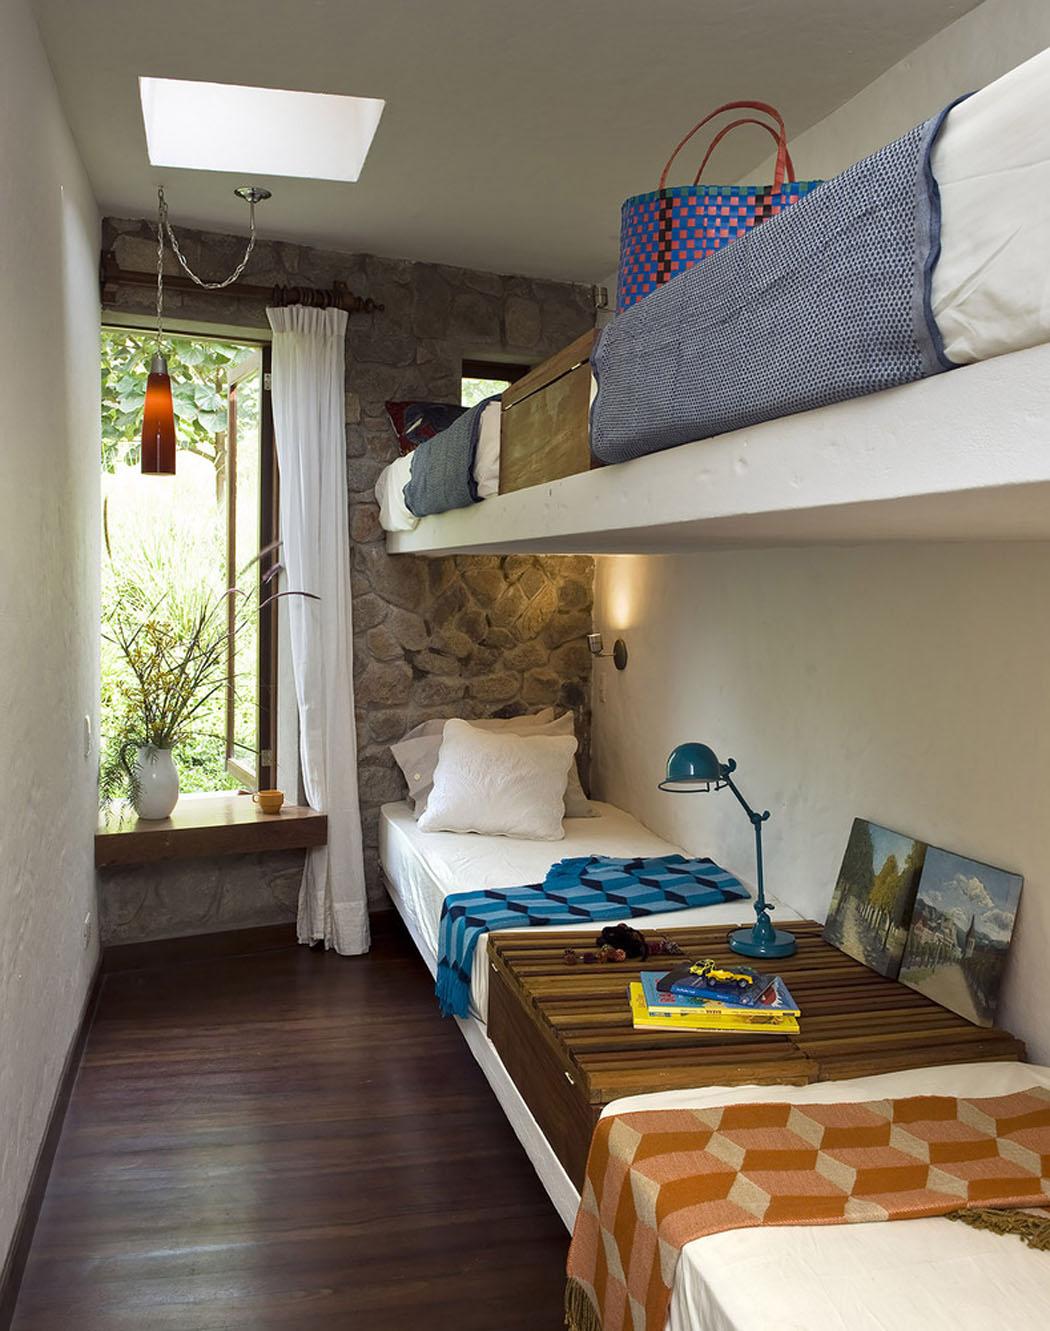 maison rustique de luxe situ e au c ur de la nature. Black Bedroom Furniture Sets. Home Design Ideas